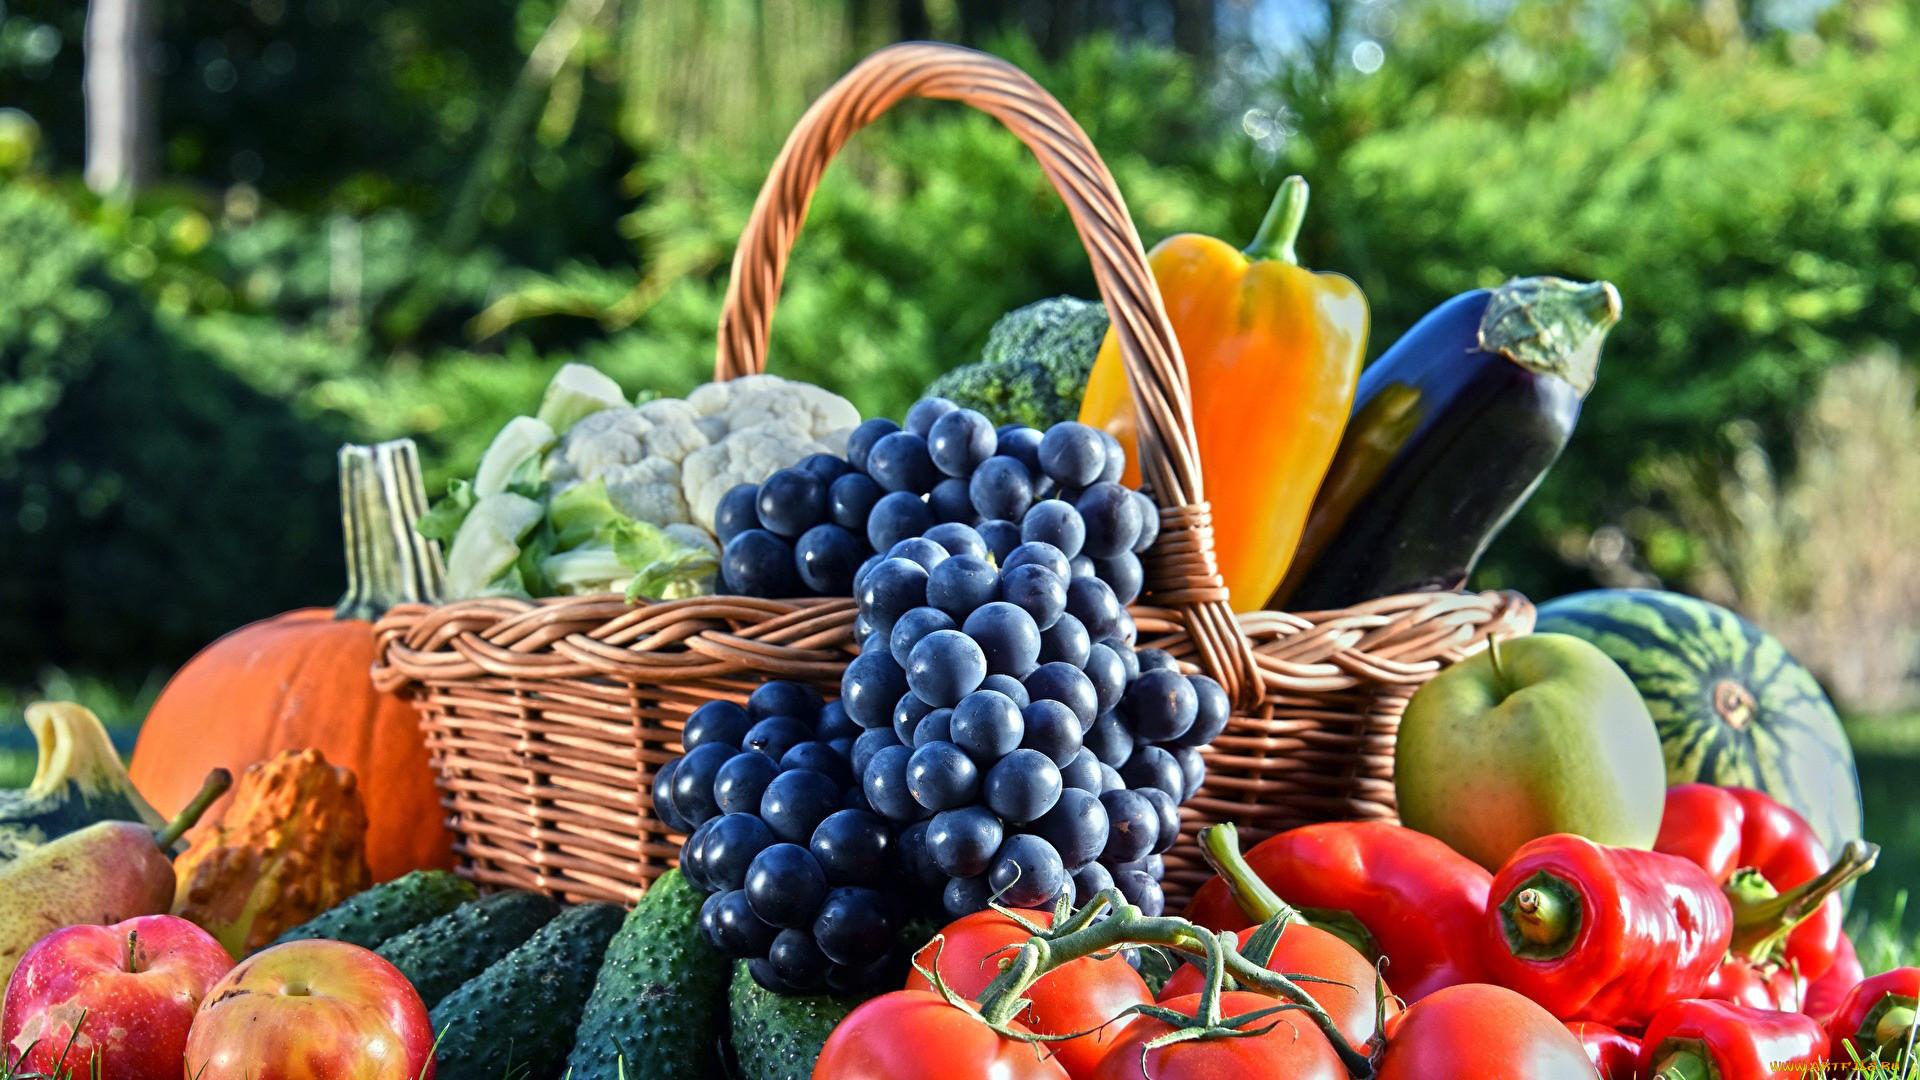 занятий овощи и фрукты фотографии красивые целью уравнения